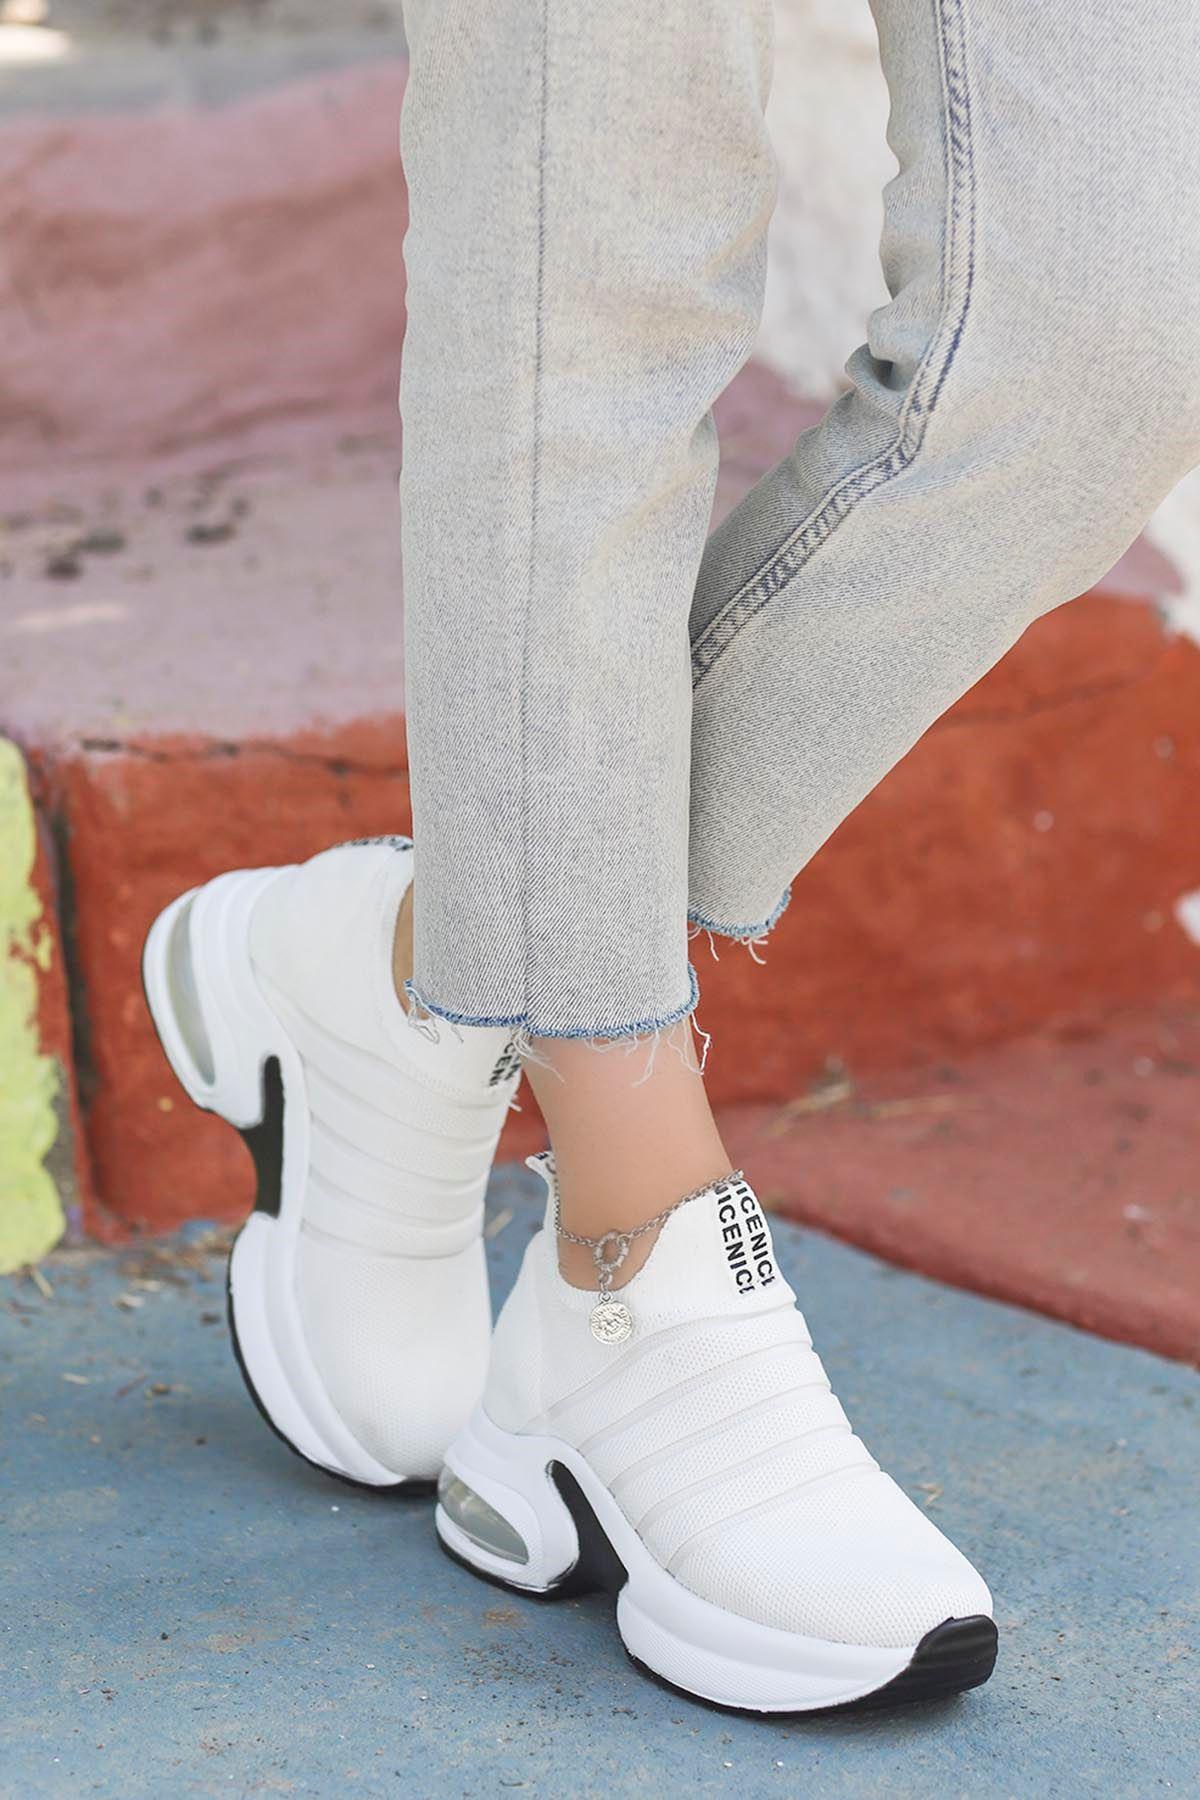 Jason Air Taban Spor Ayakkabı Beyaz